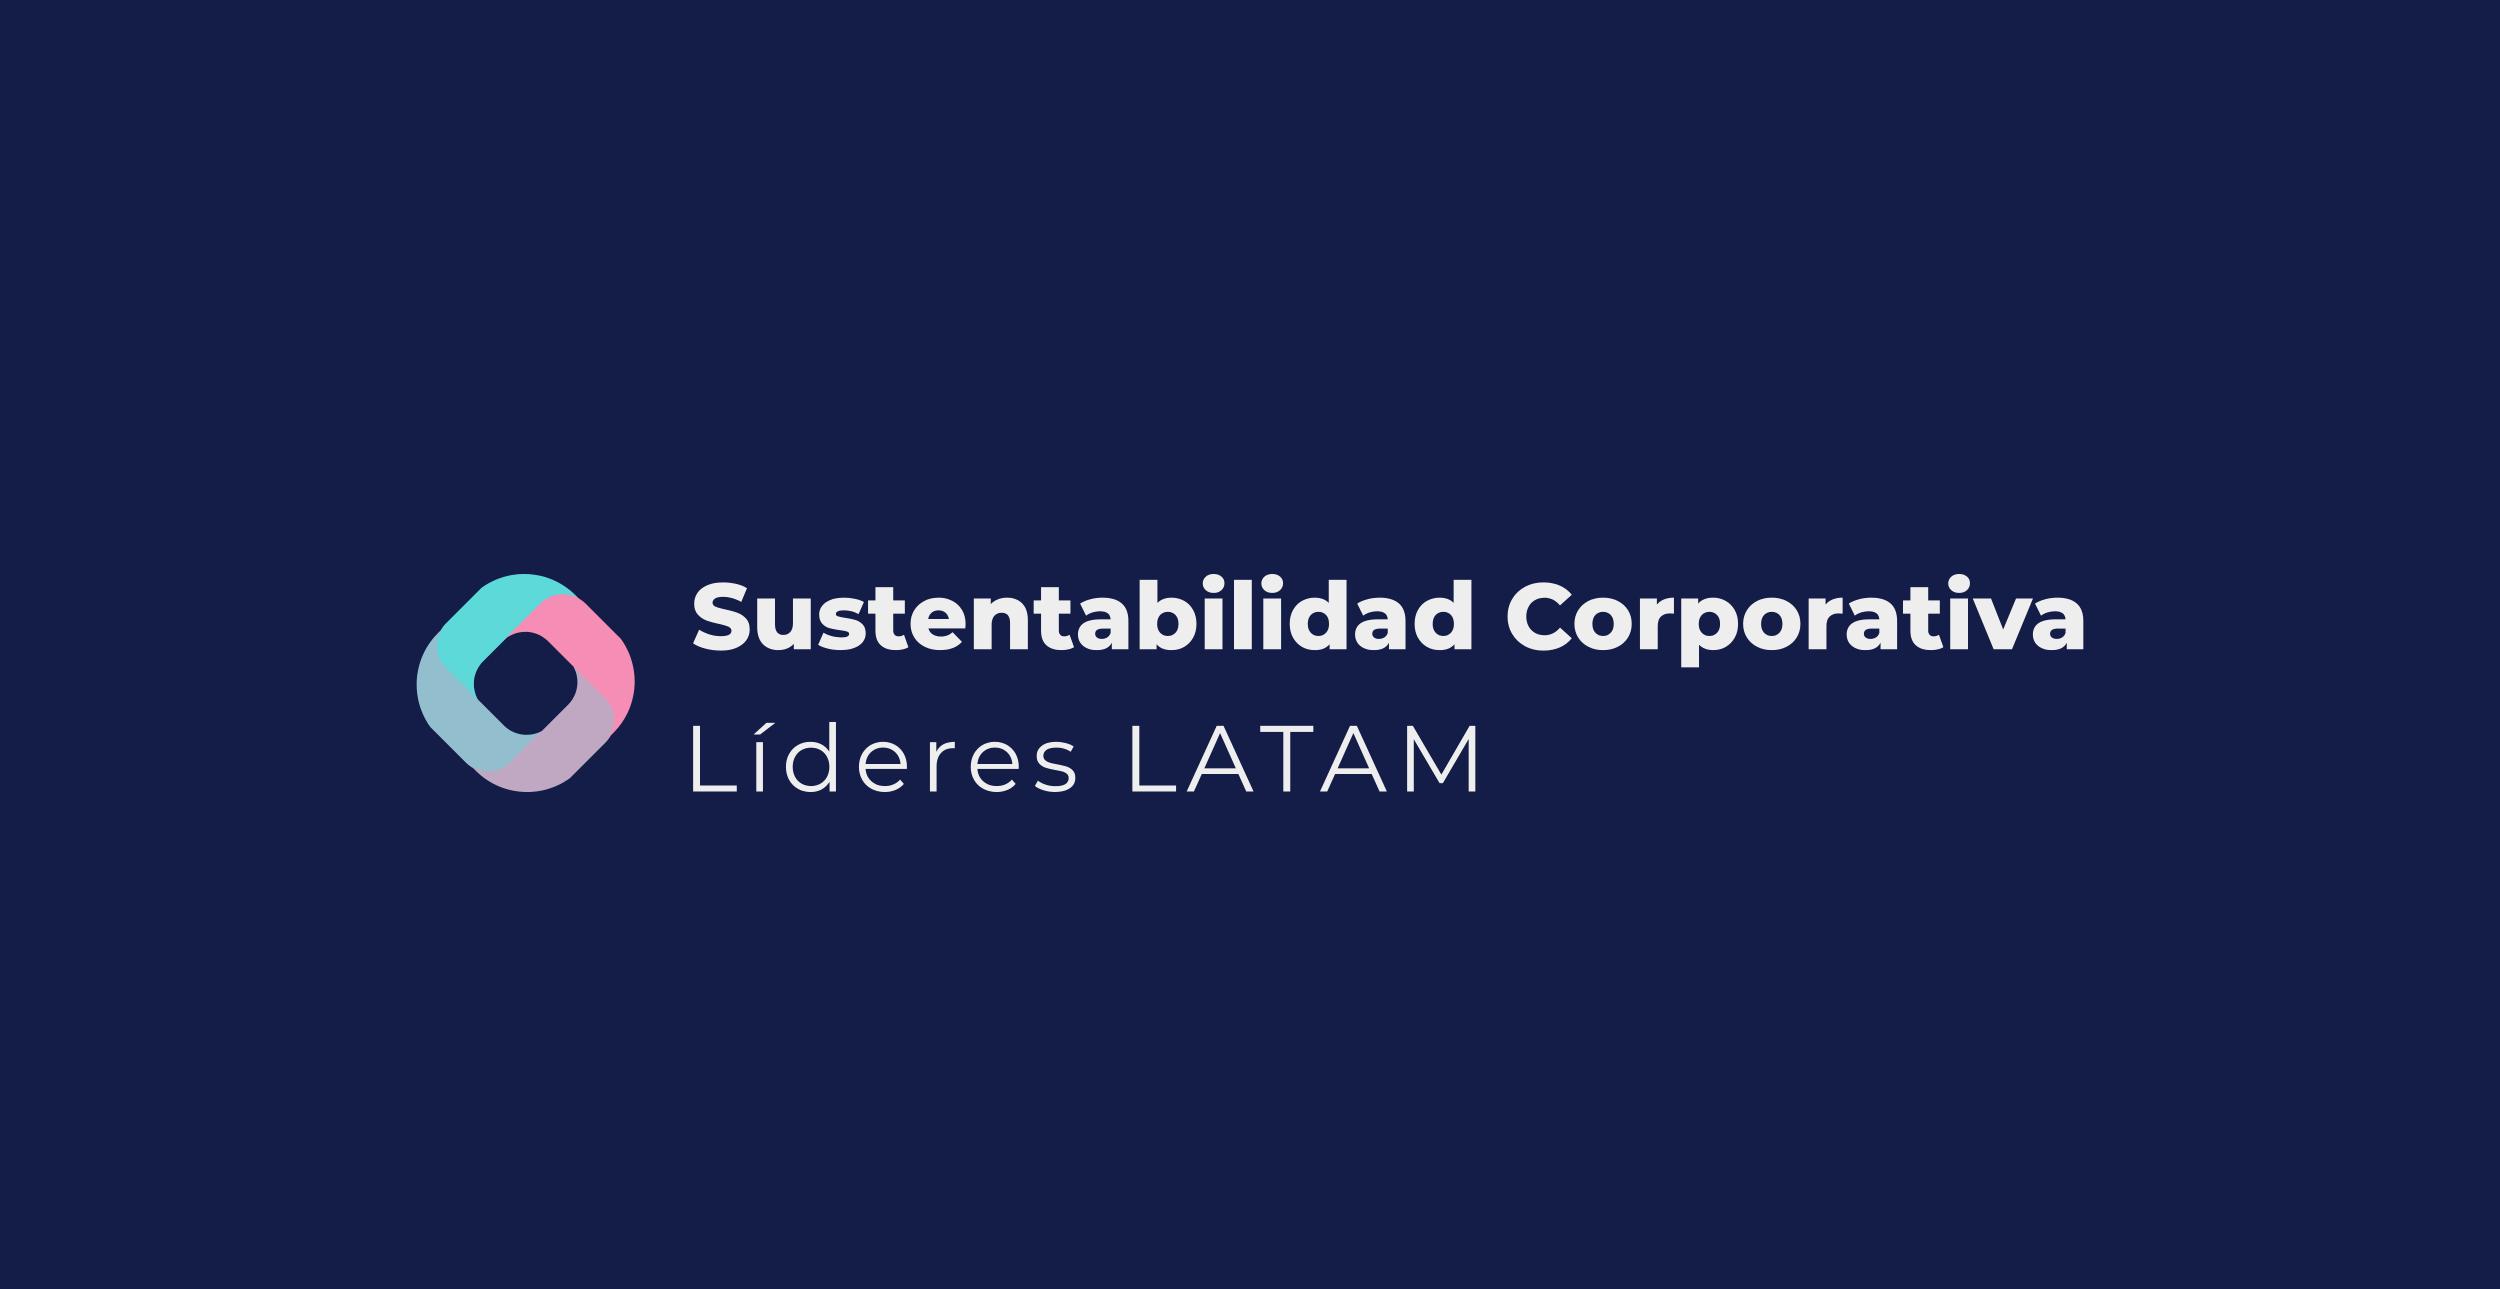 La Red de Líderes de Sustentabilidad Corporativa Latam se une a Premios SFS